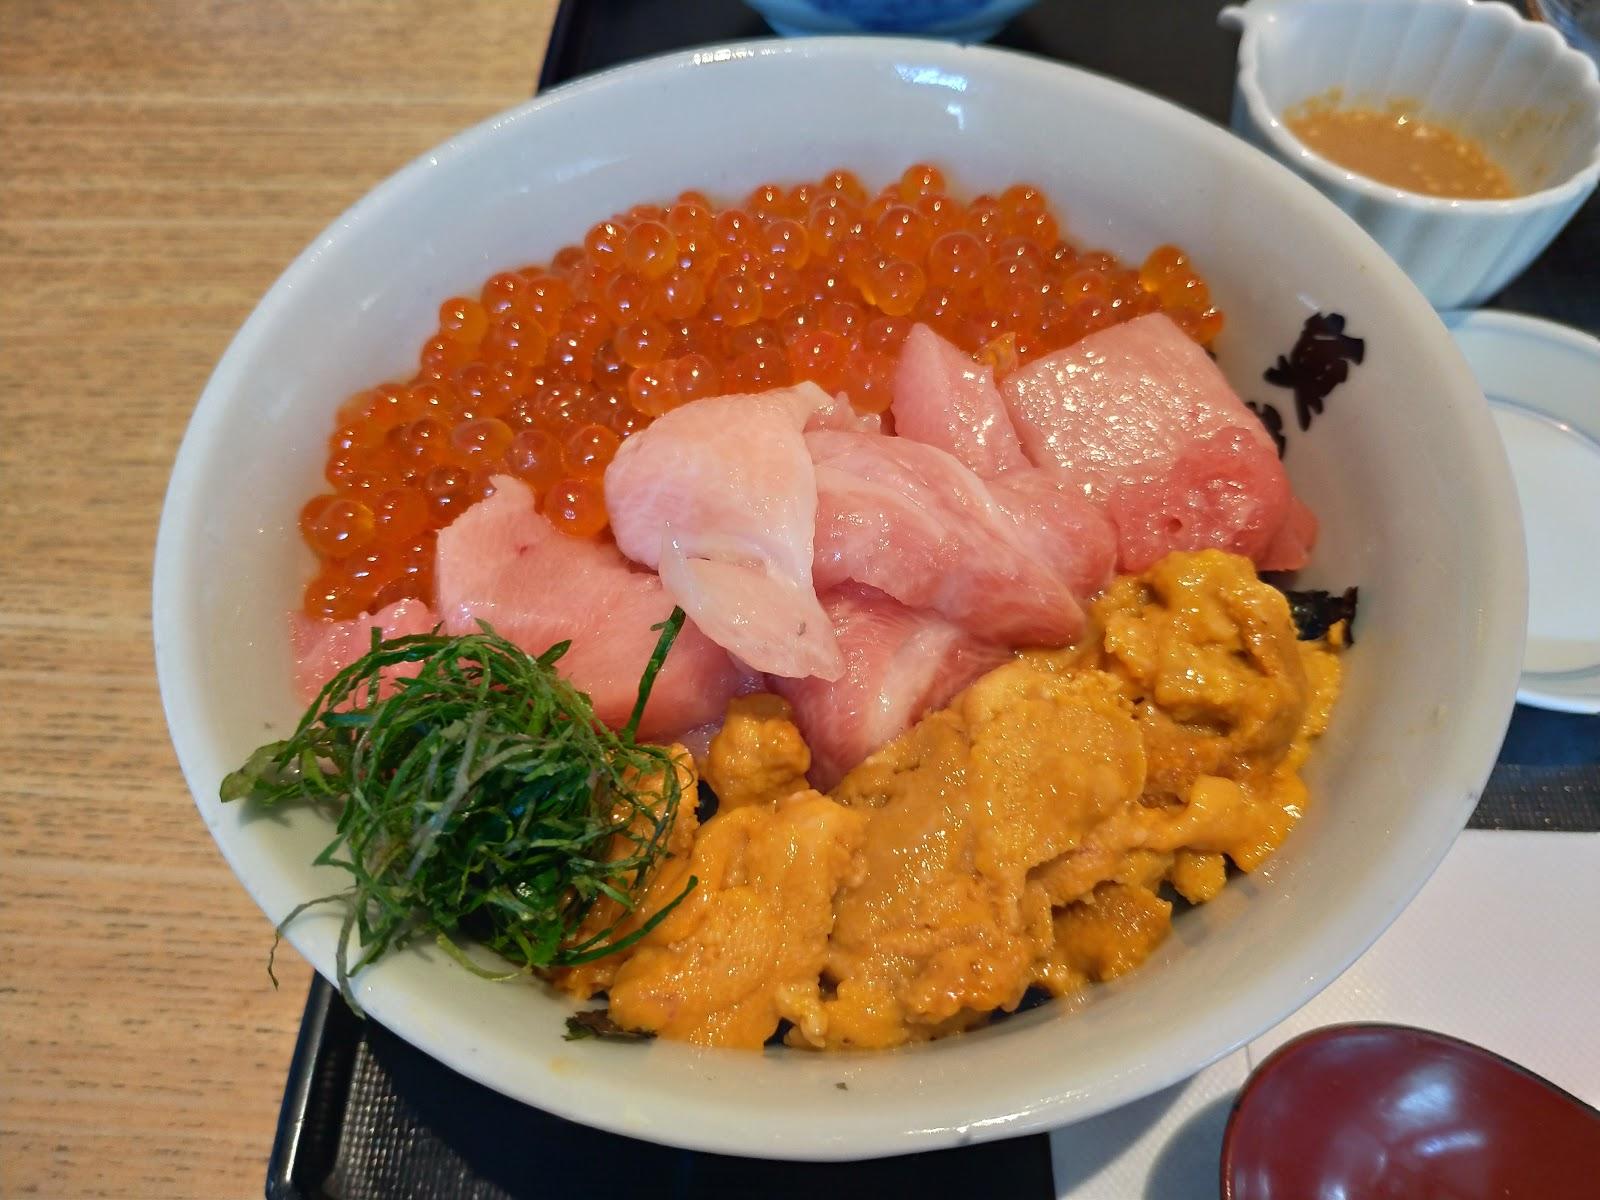 魚忠丼【福岡グルメ】福岡市今泉 魚忠でうに、いくら、まぐろの魚忠丼ランチがおすすめです!